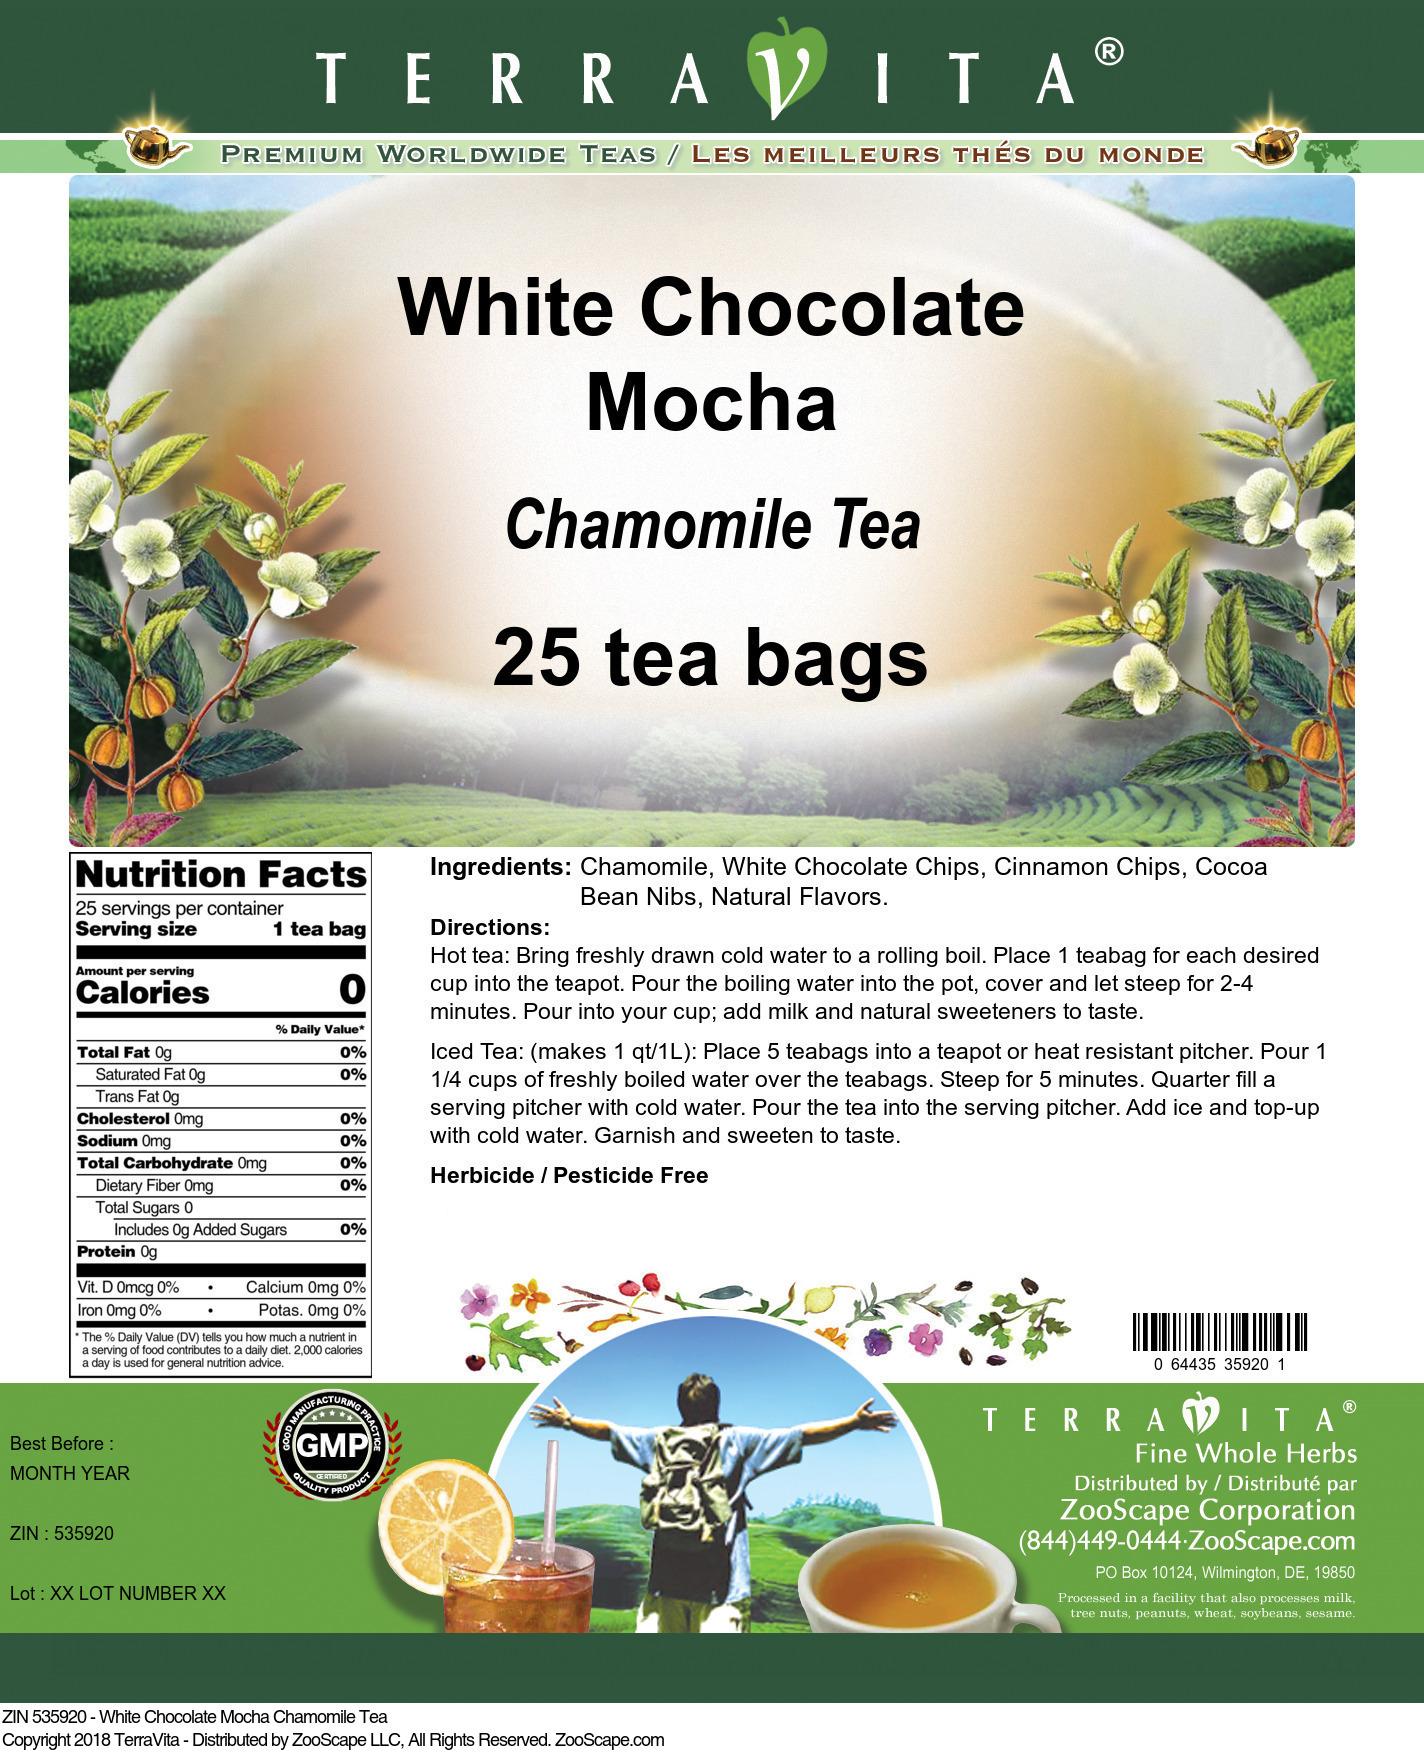 White Chocolate Mocha Chamomile Tea